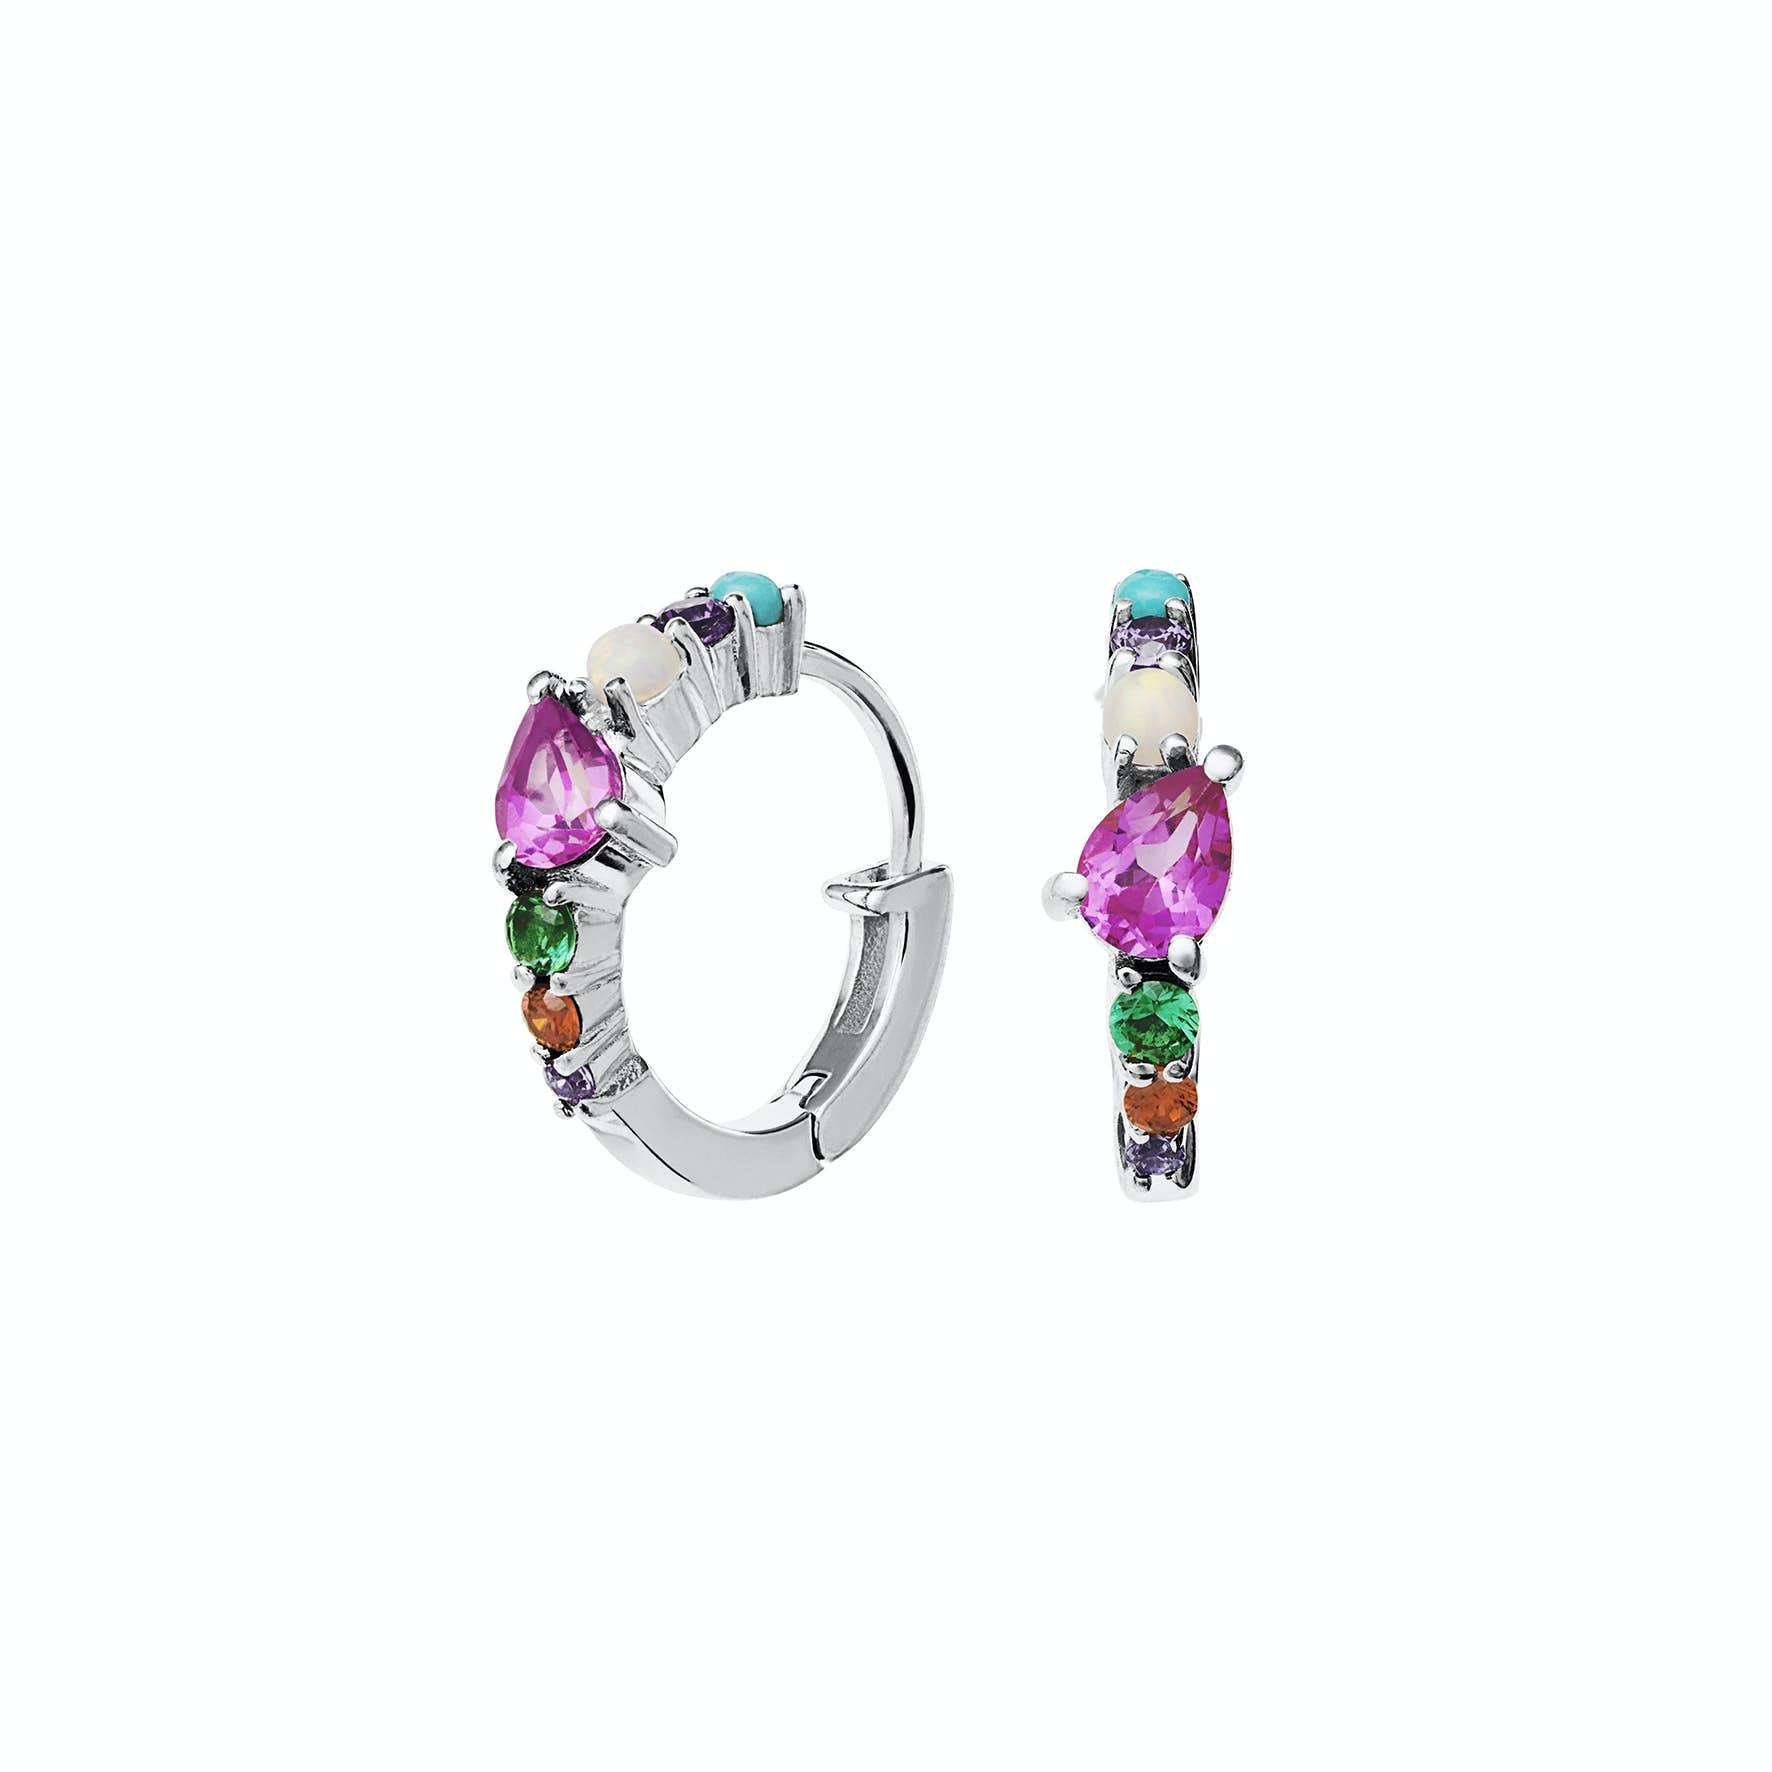 Calli Earrings from Maanesten in Silver Sterling 925